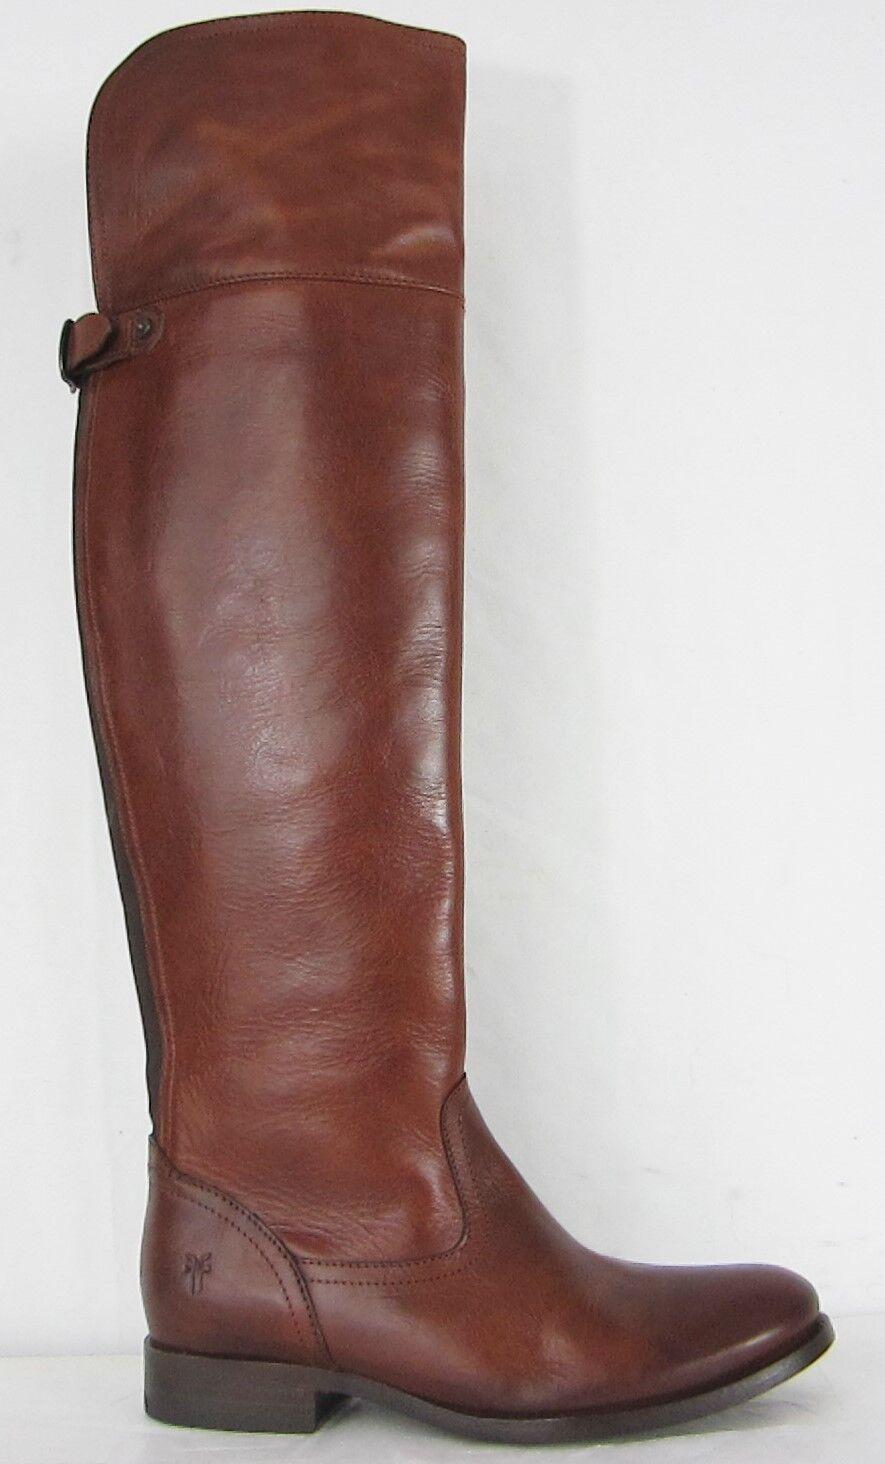 Frye botas Melissa over-the-rodilla Cognac Cuero botas De Montar